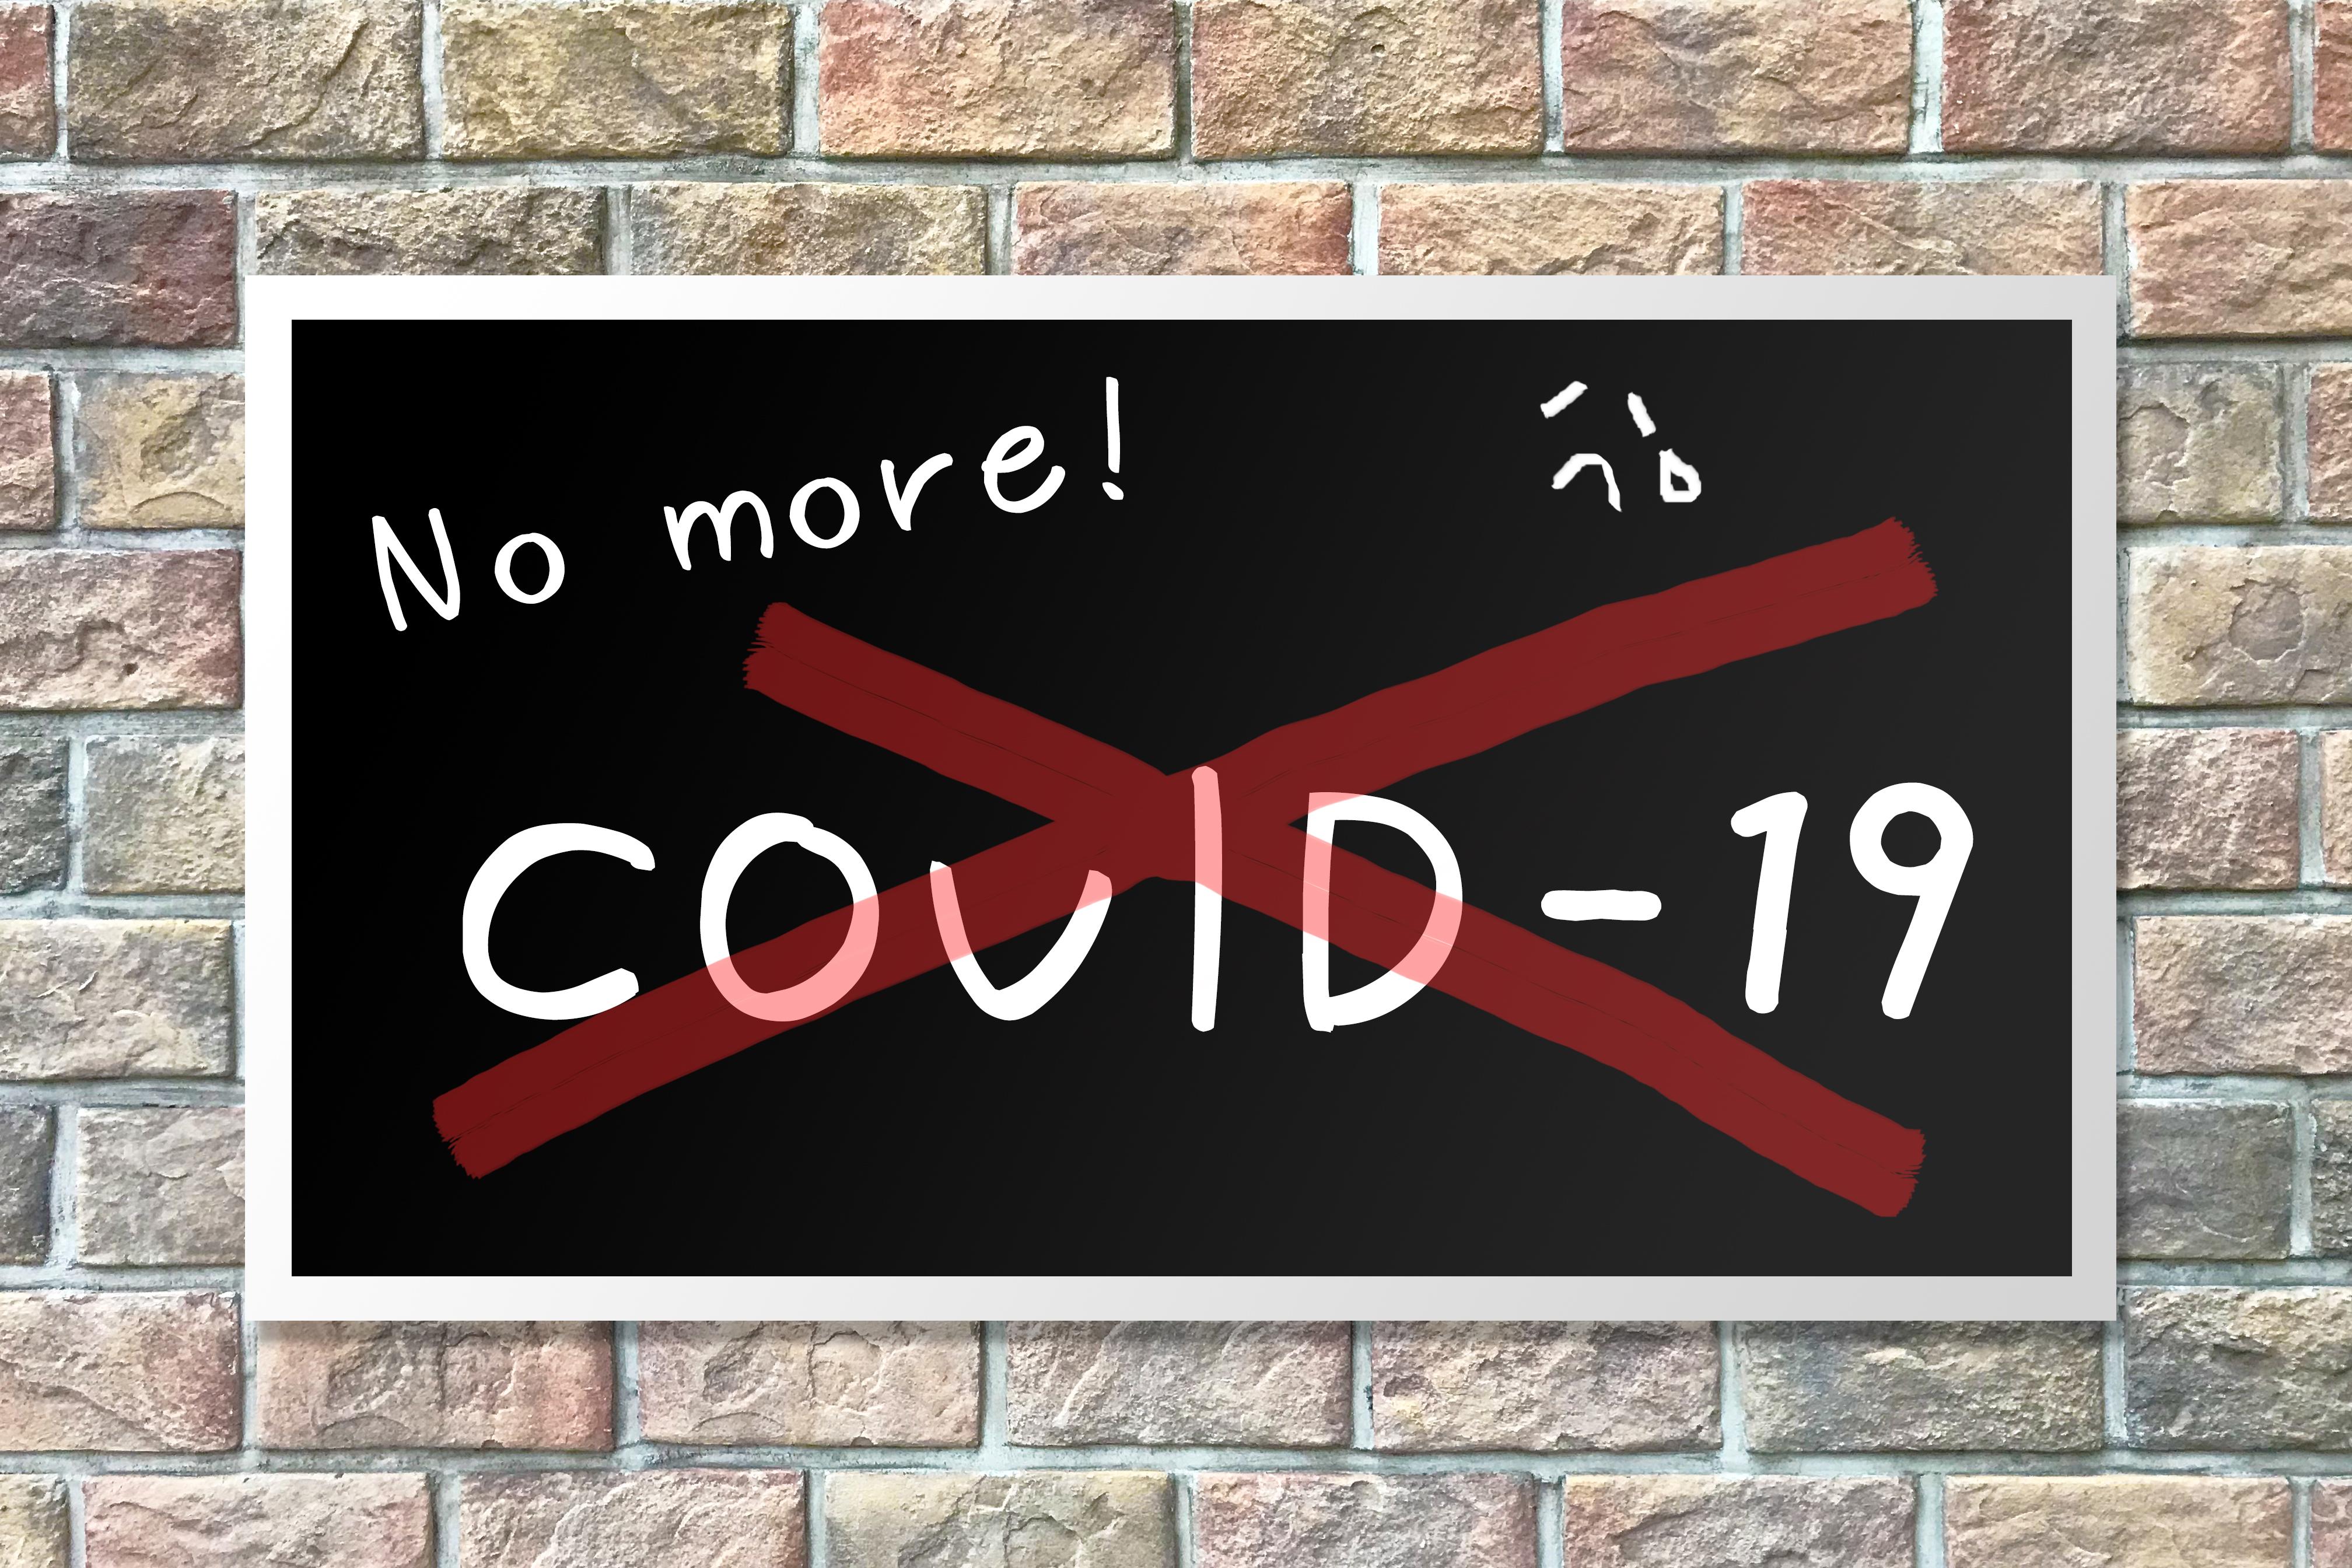 新型コロナウイルスに対する弊社の取り組みについて